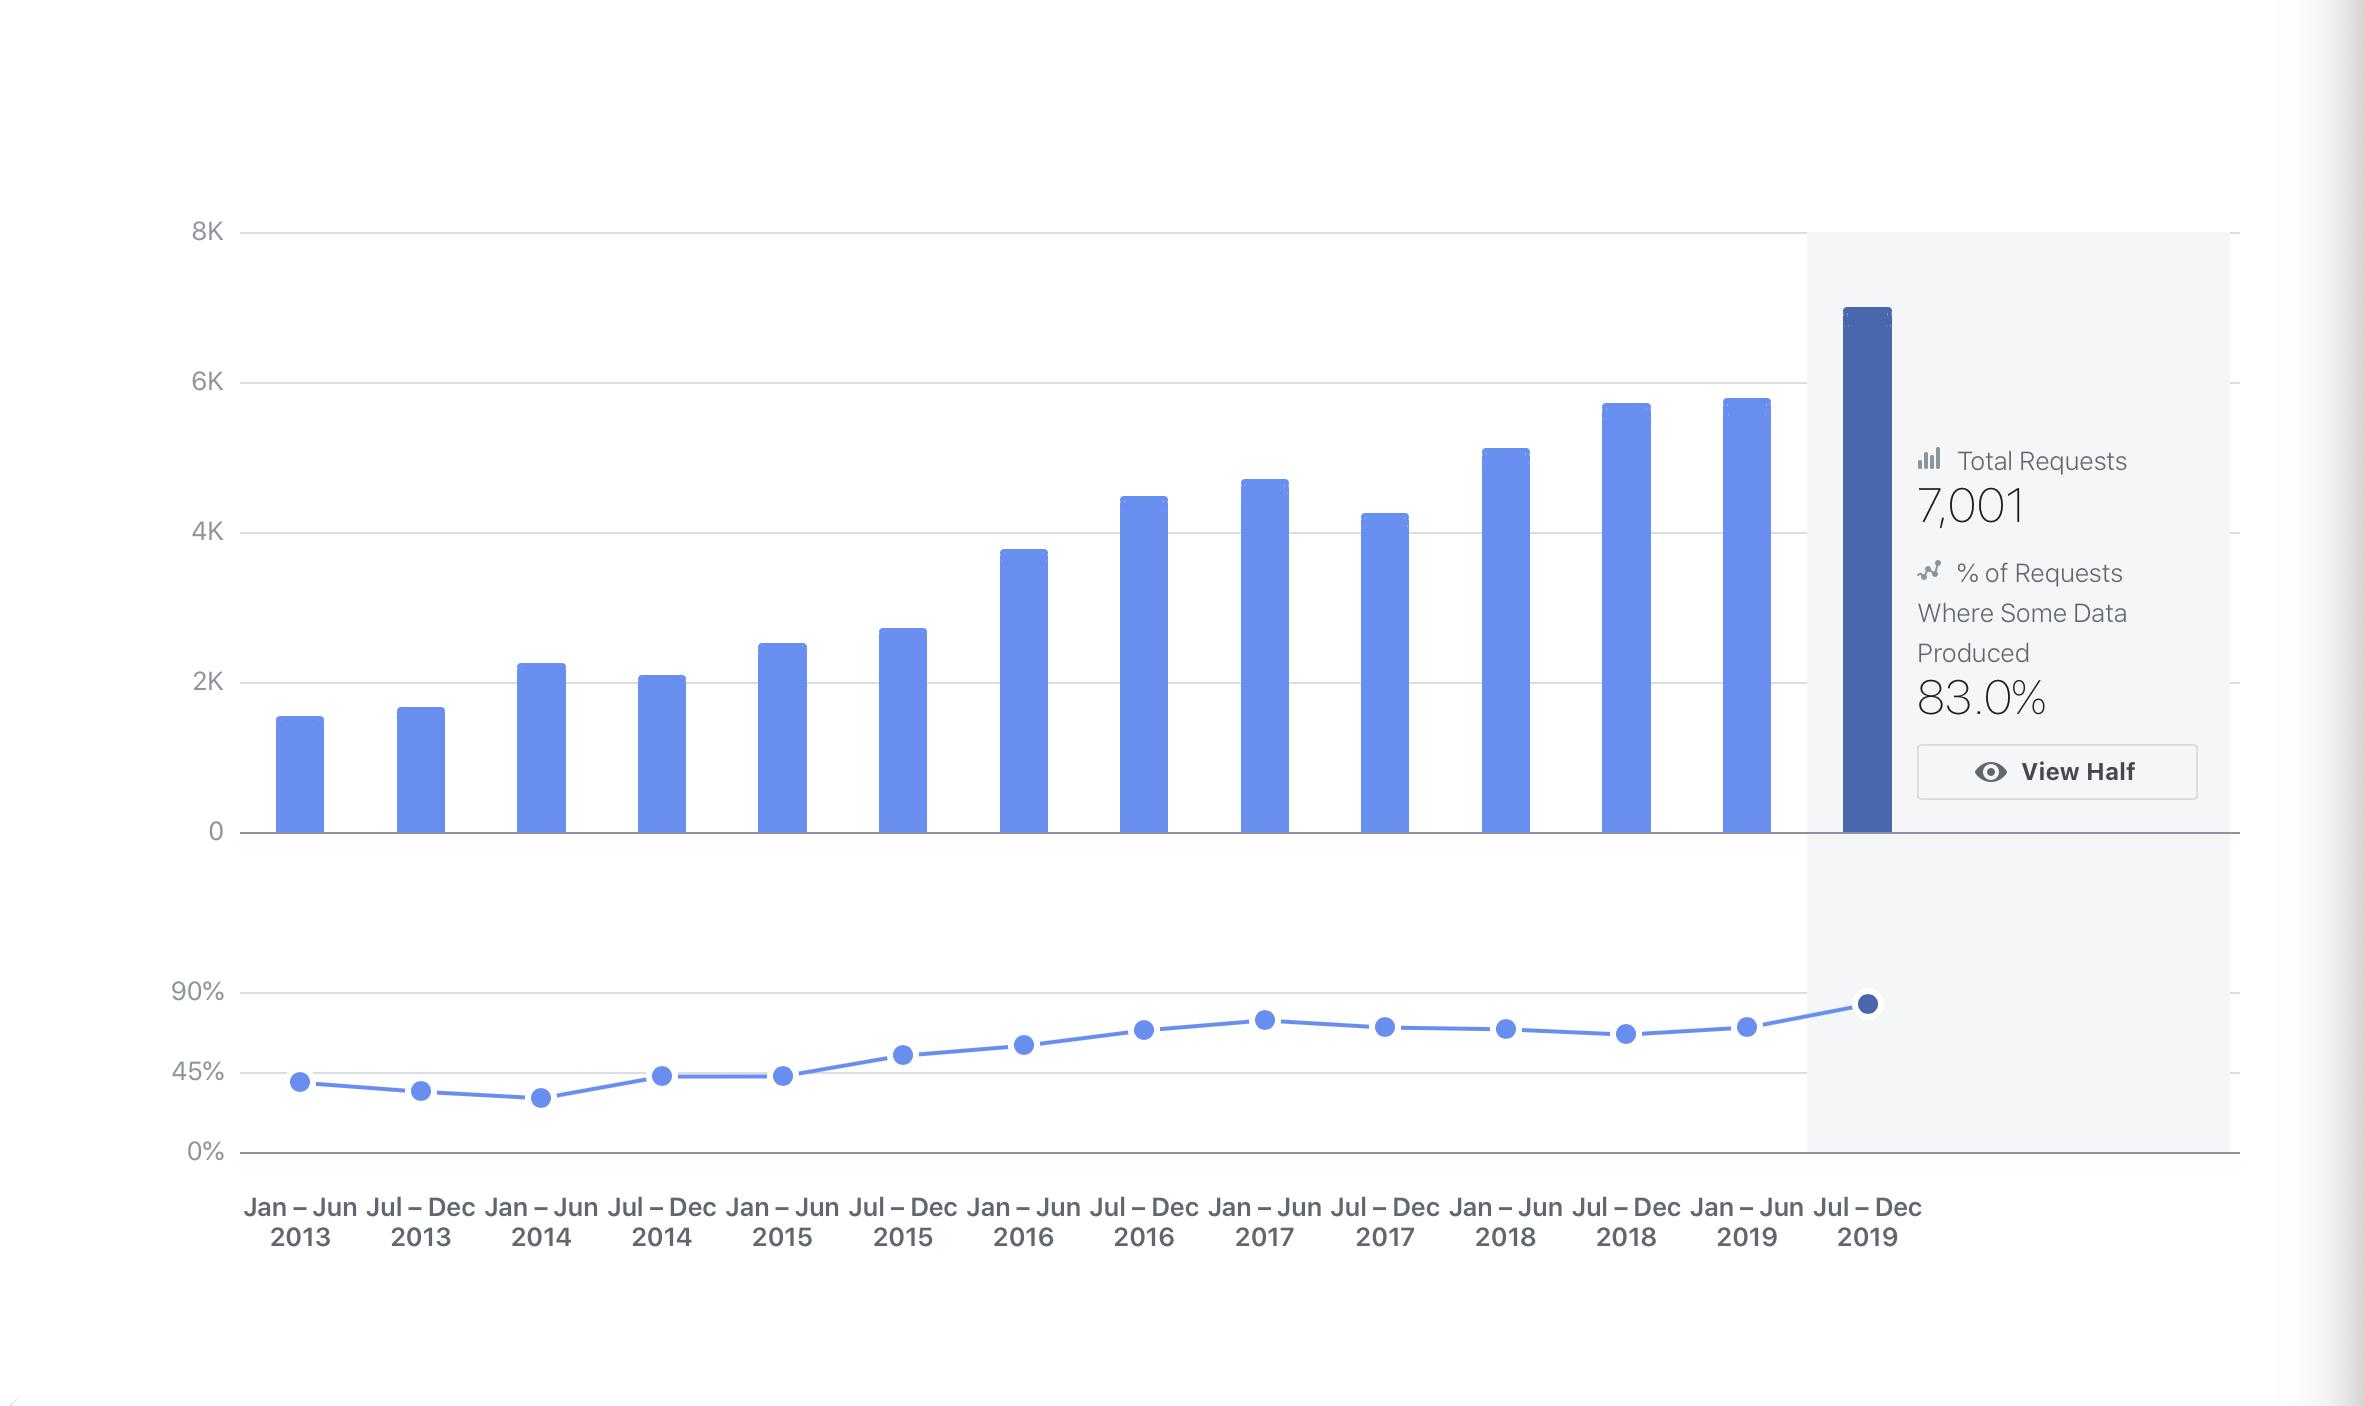 Graphique de l'évolution des demandes de données personnelles.